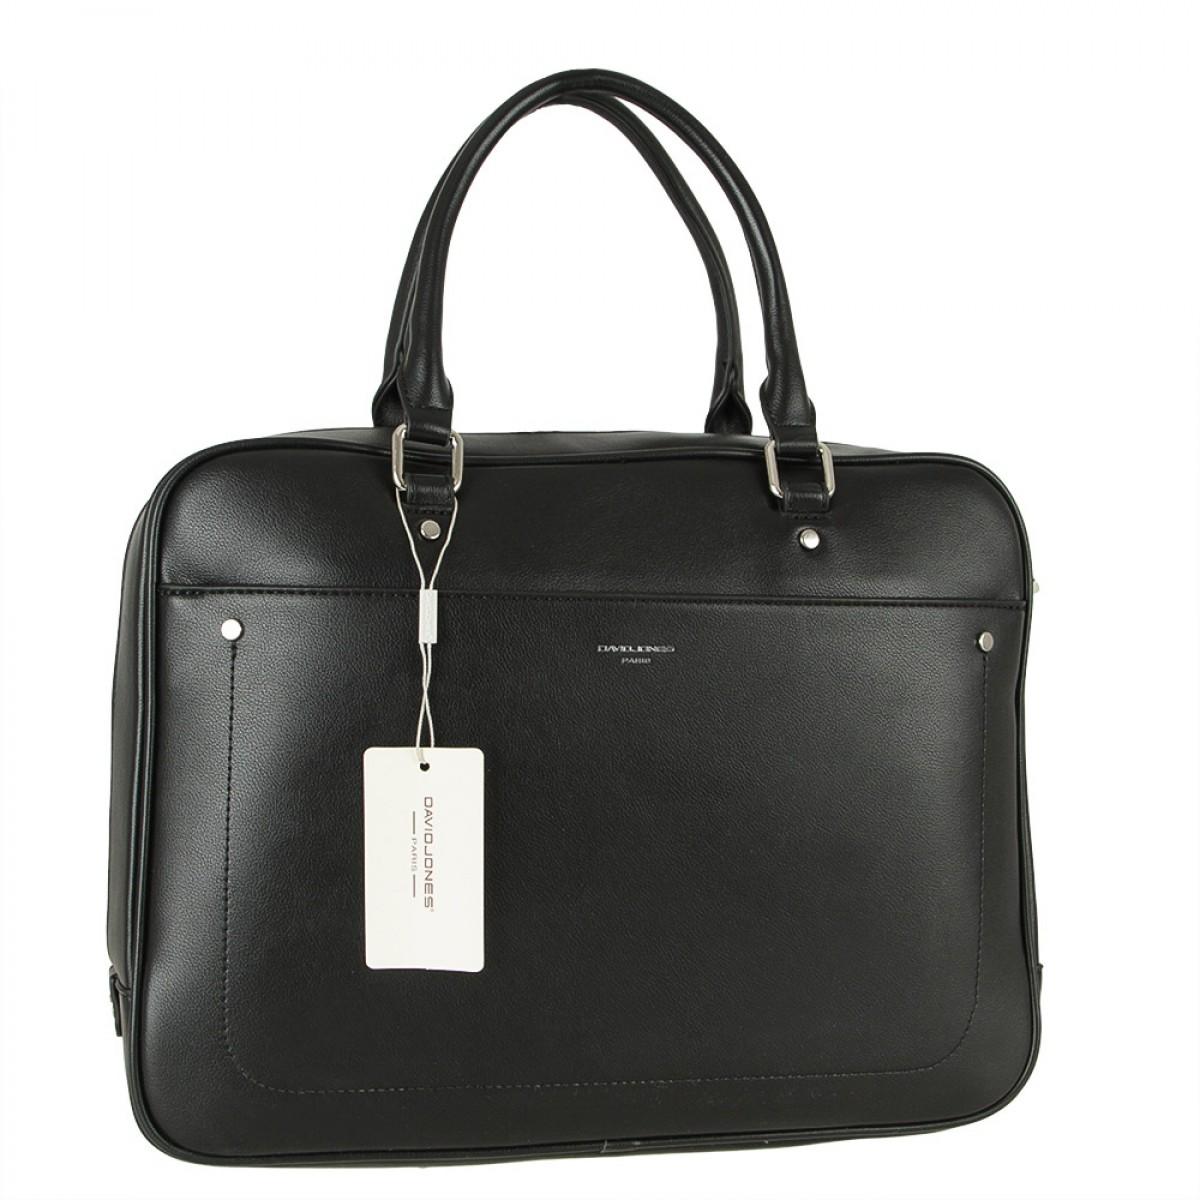 Жіноча сумка David Jones 797706 BLACK